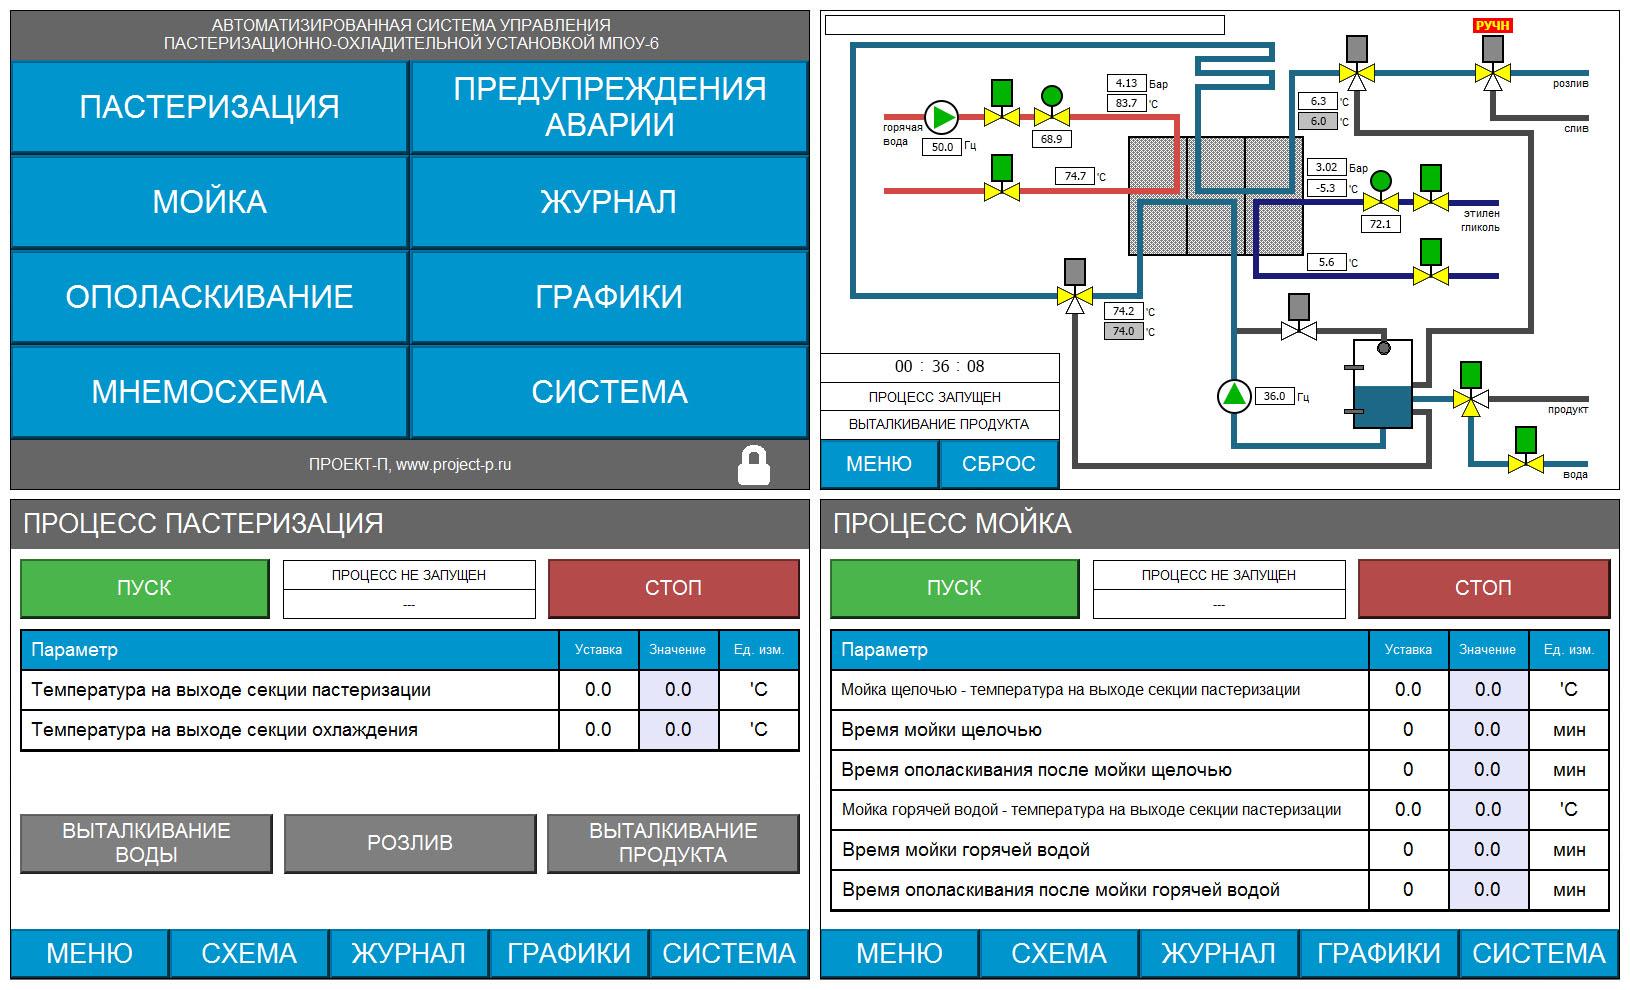 Пульт управления МПОУ-6 - экраны панели оператора 1